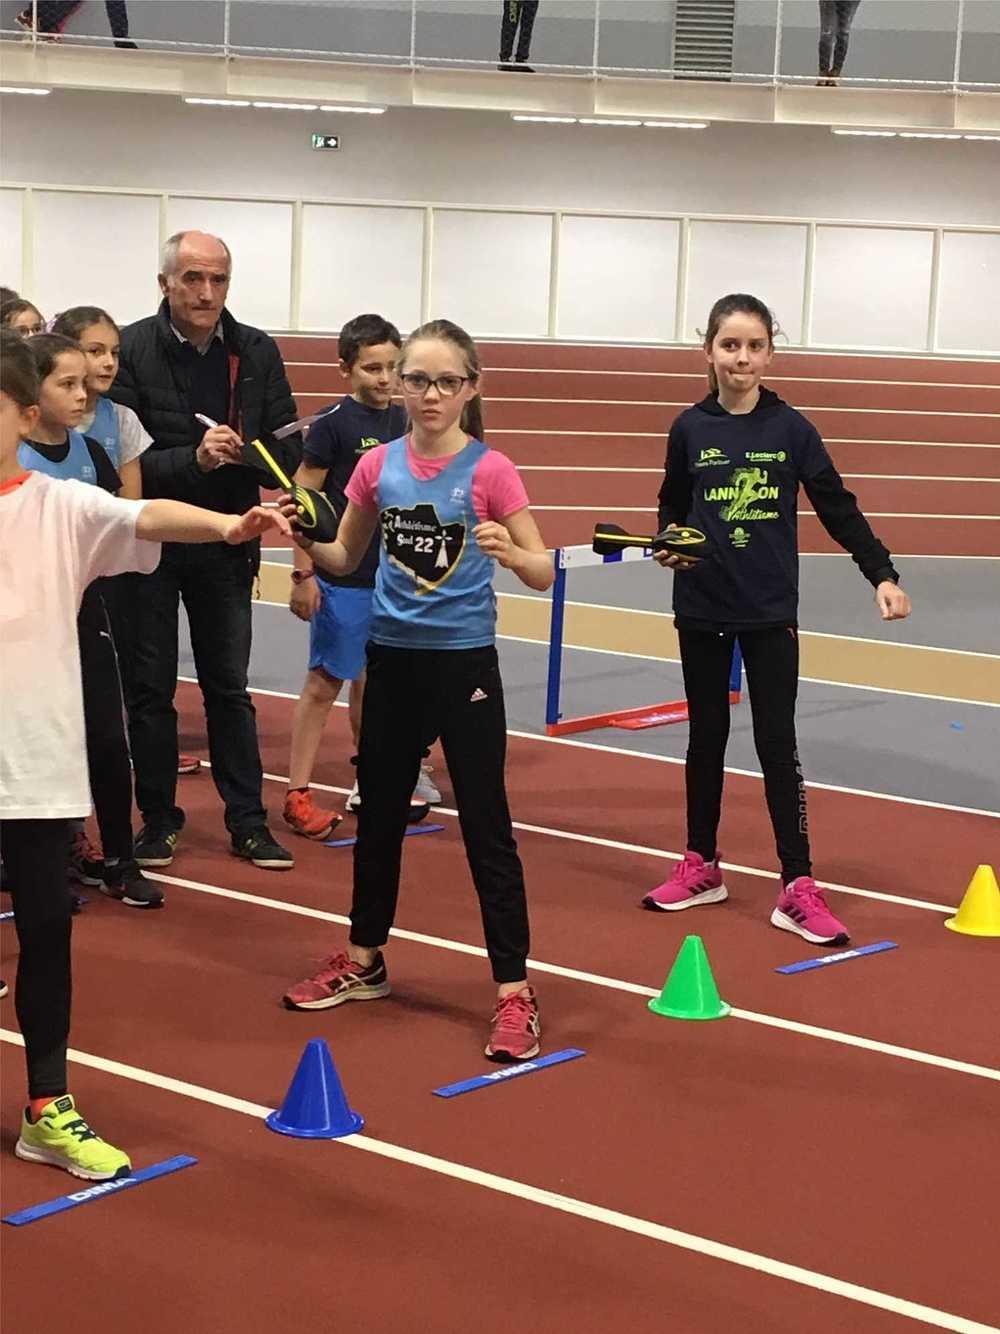 JSP Athlétisme : photos de la rencontre départementale image3